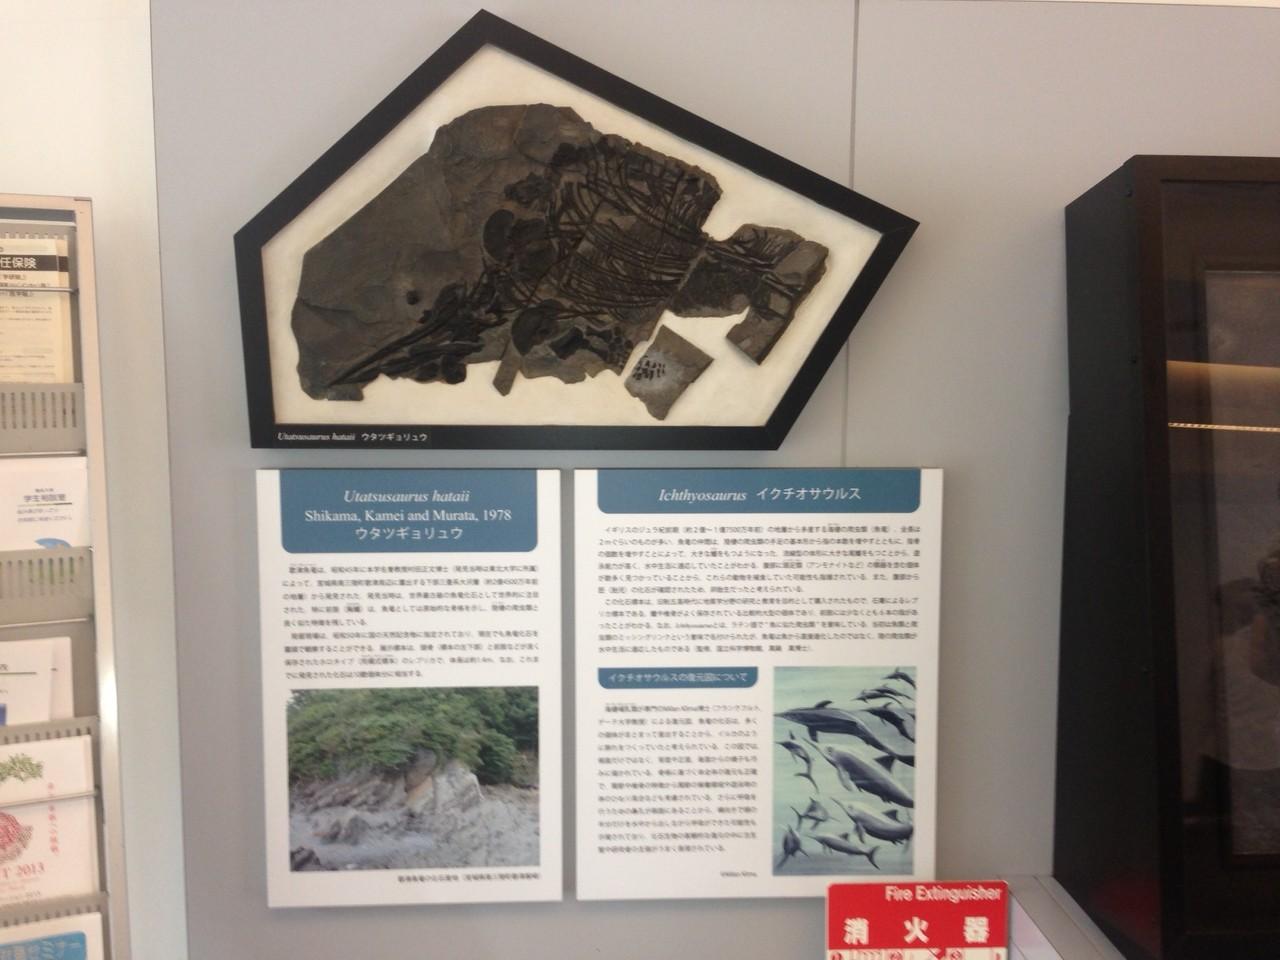 会場理学部の入口壁面にはウタツサウルスのレプリカがありました。